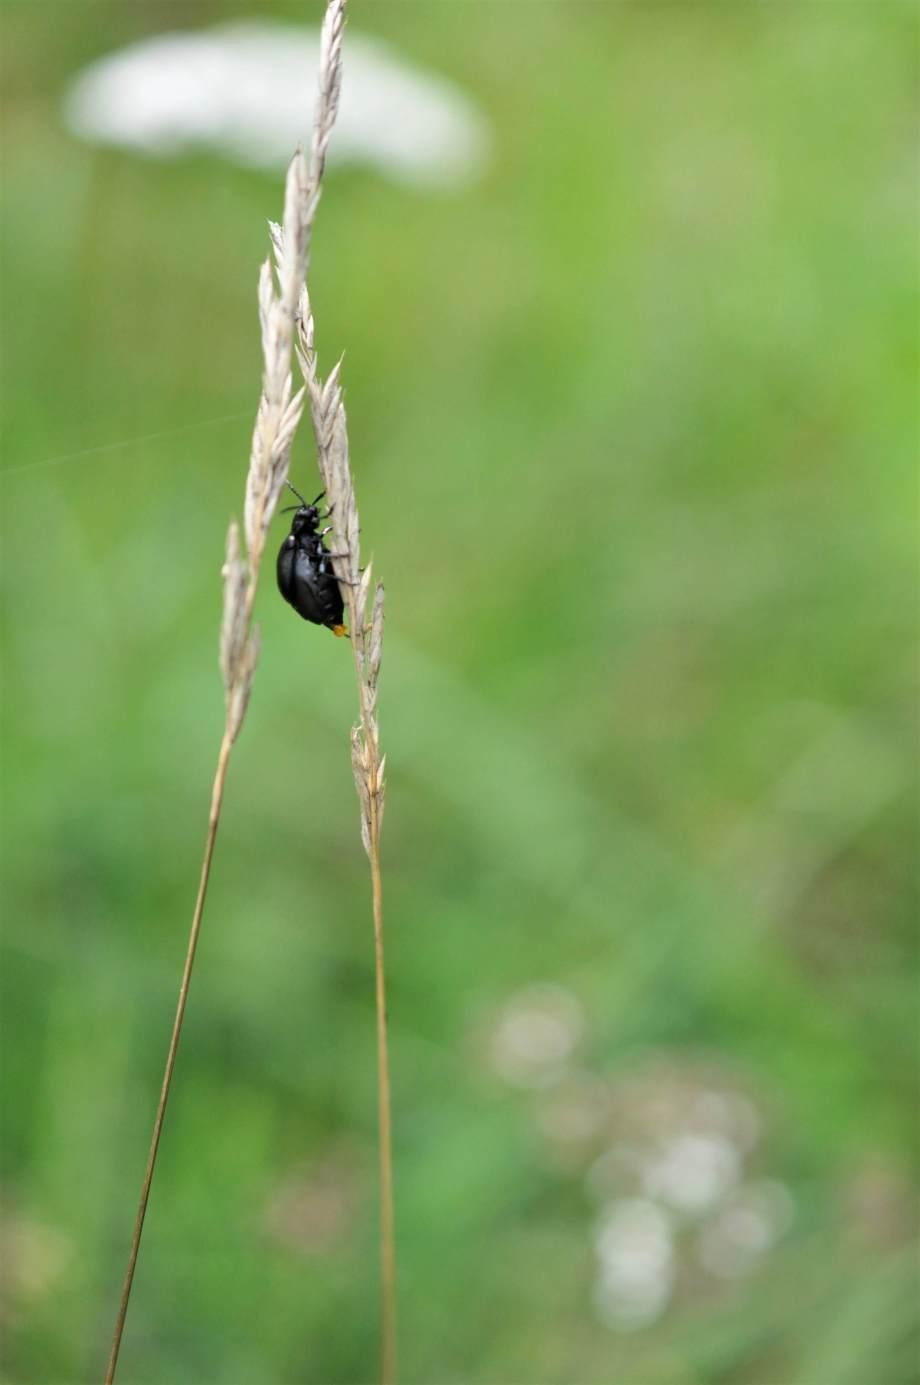 renfanebagge på ett torrt grässtrå